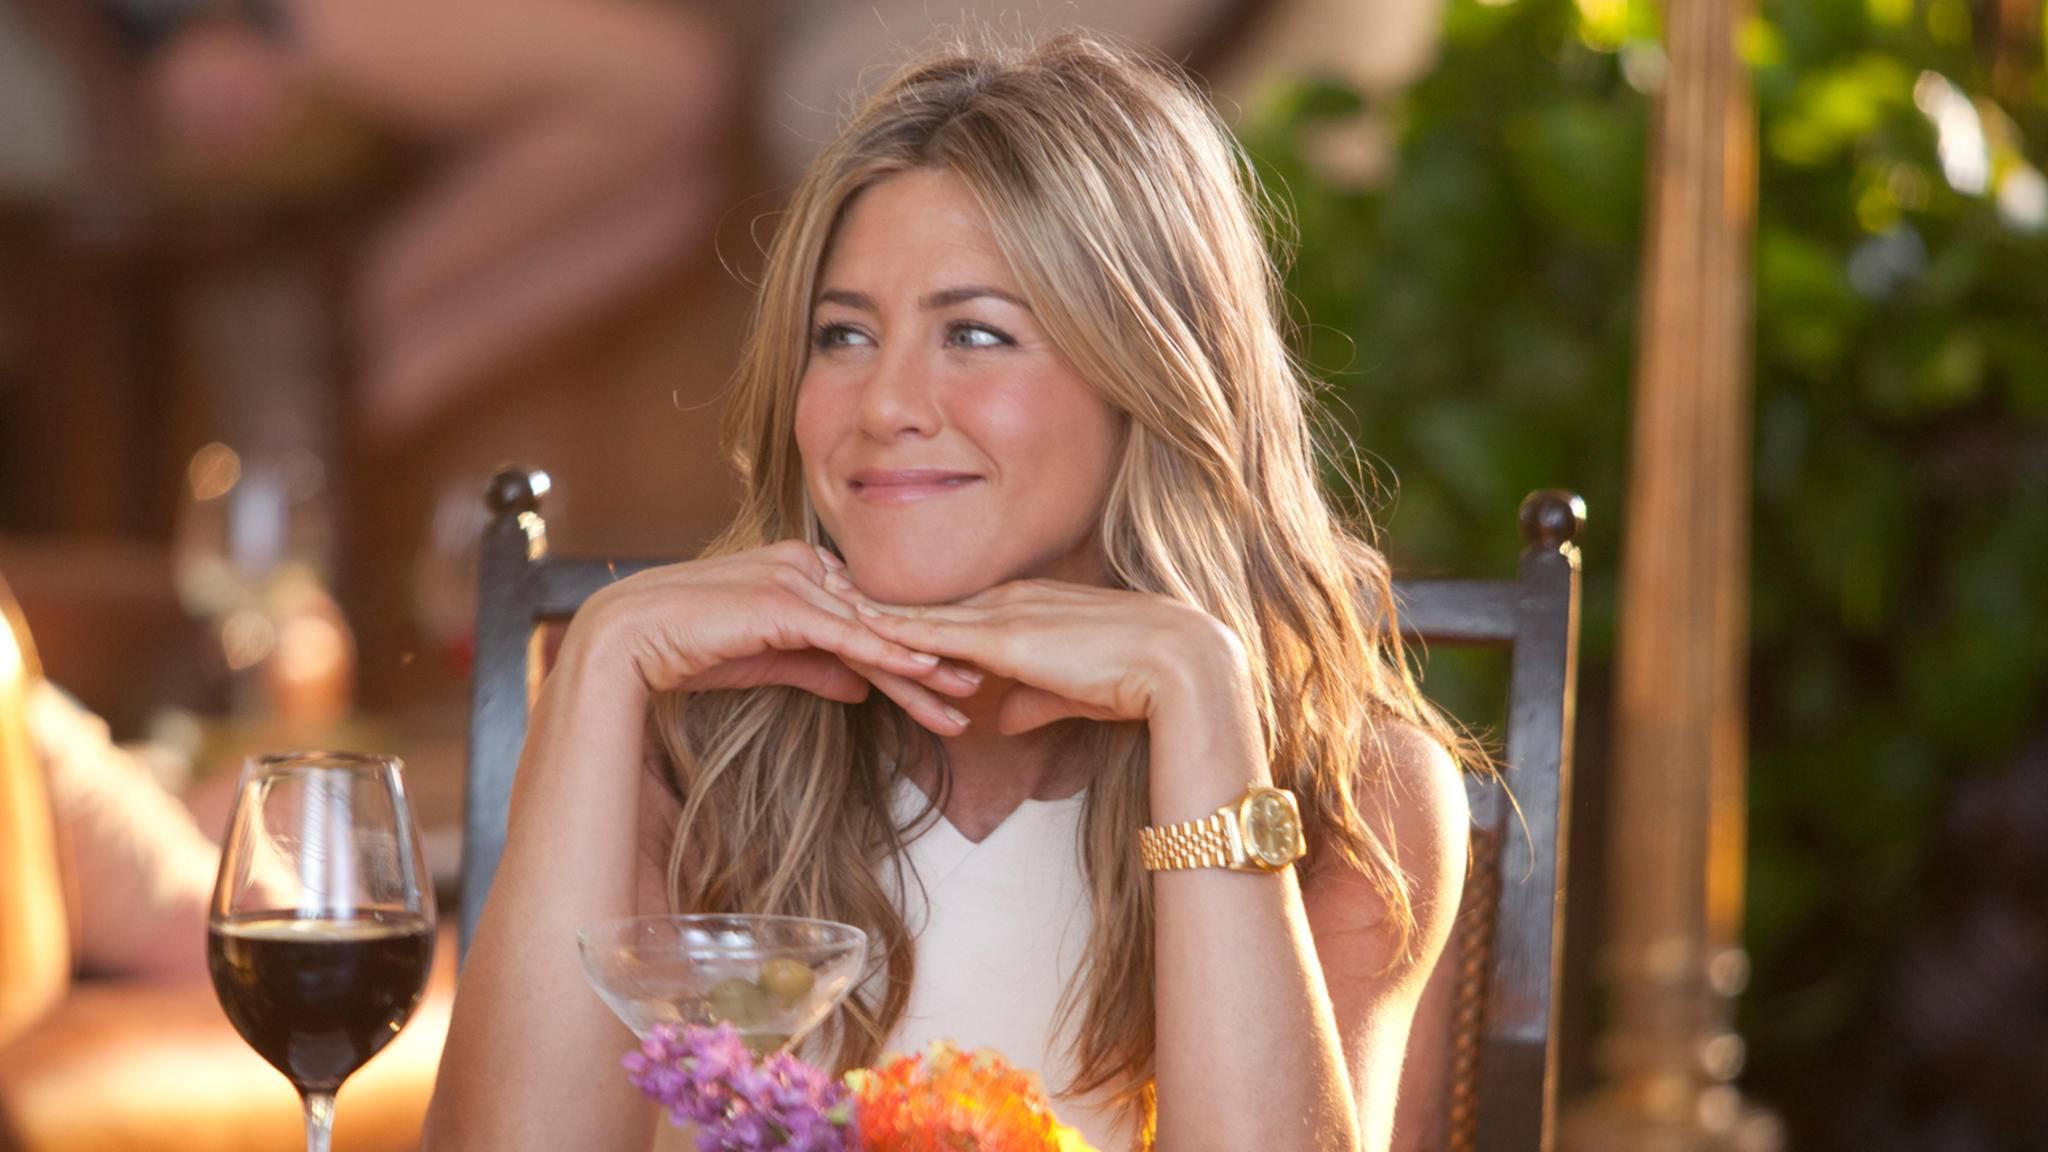 Sonnenschein Jennifer Aniston sorgt vor allem in Komödien für gute Stimmung.